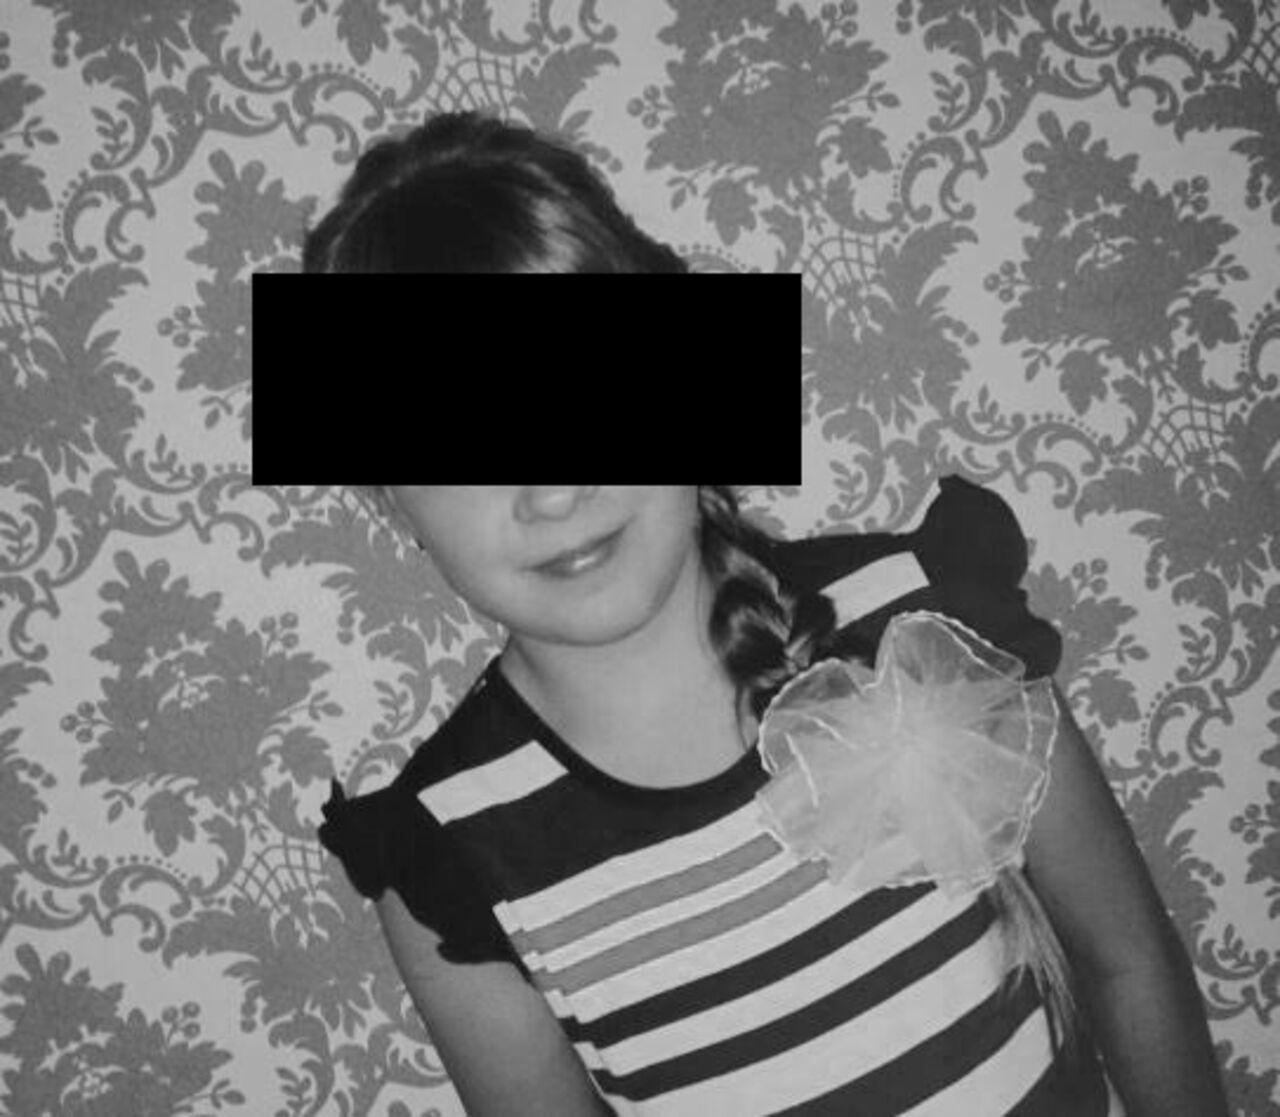 Раскрыты детали мучительной смерти 12-летней школьницы изНовокузнецка